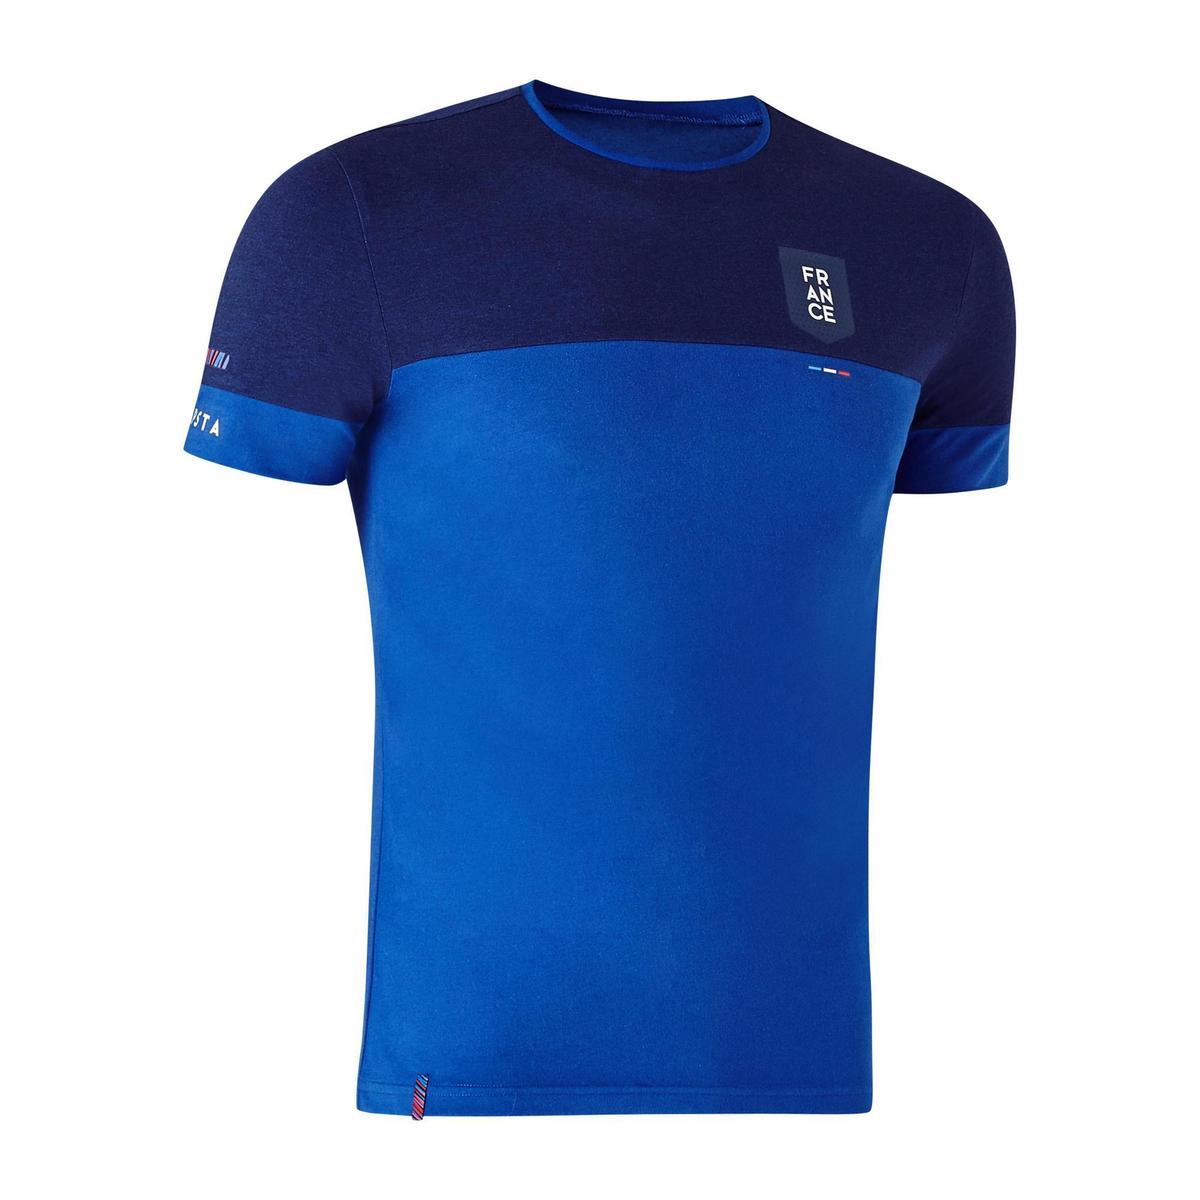 Bild 1 von Fußballshirt FF100 Frankreich Erwachsene blau